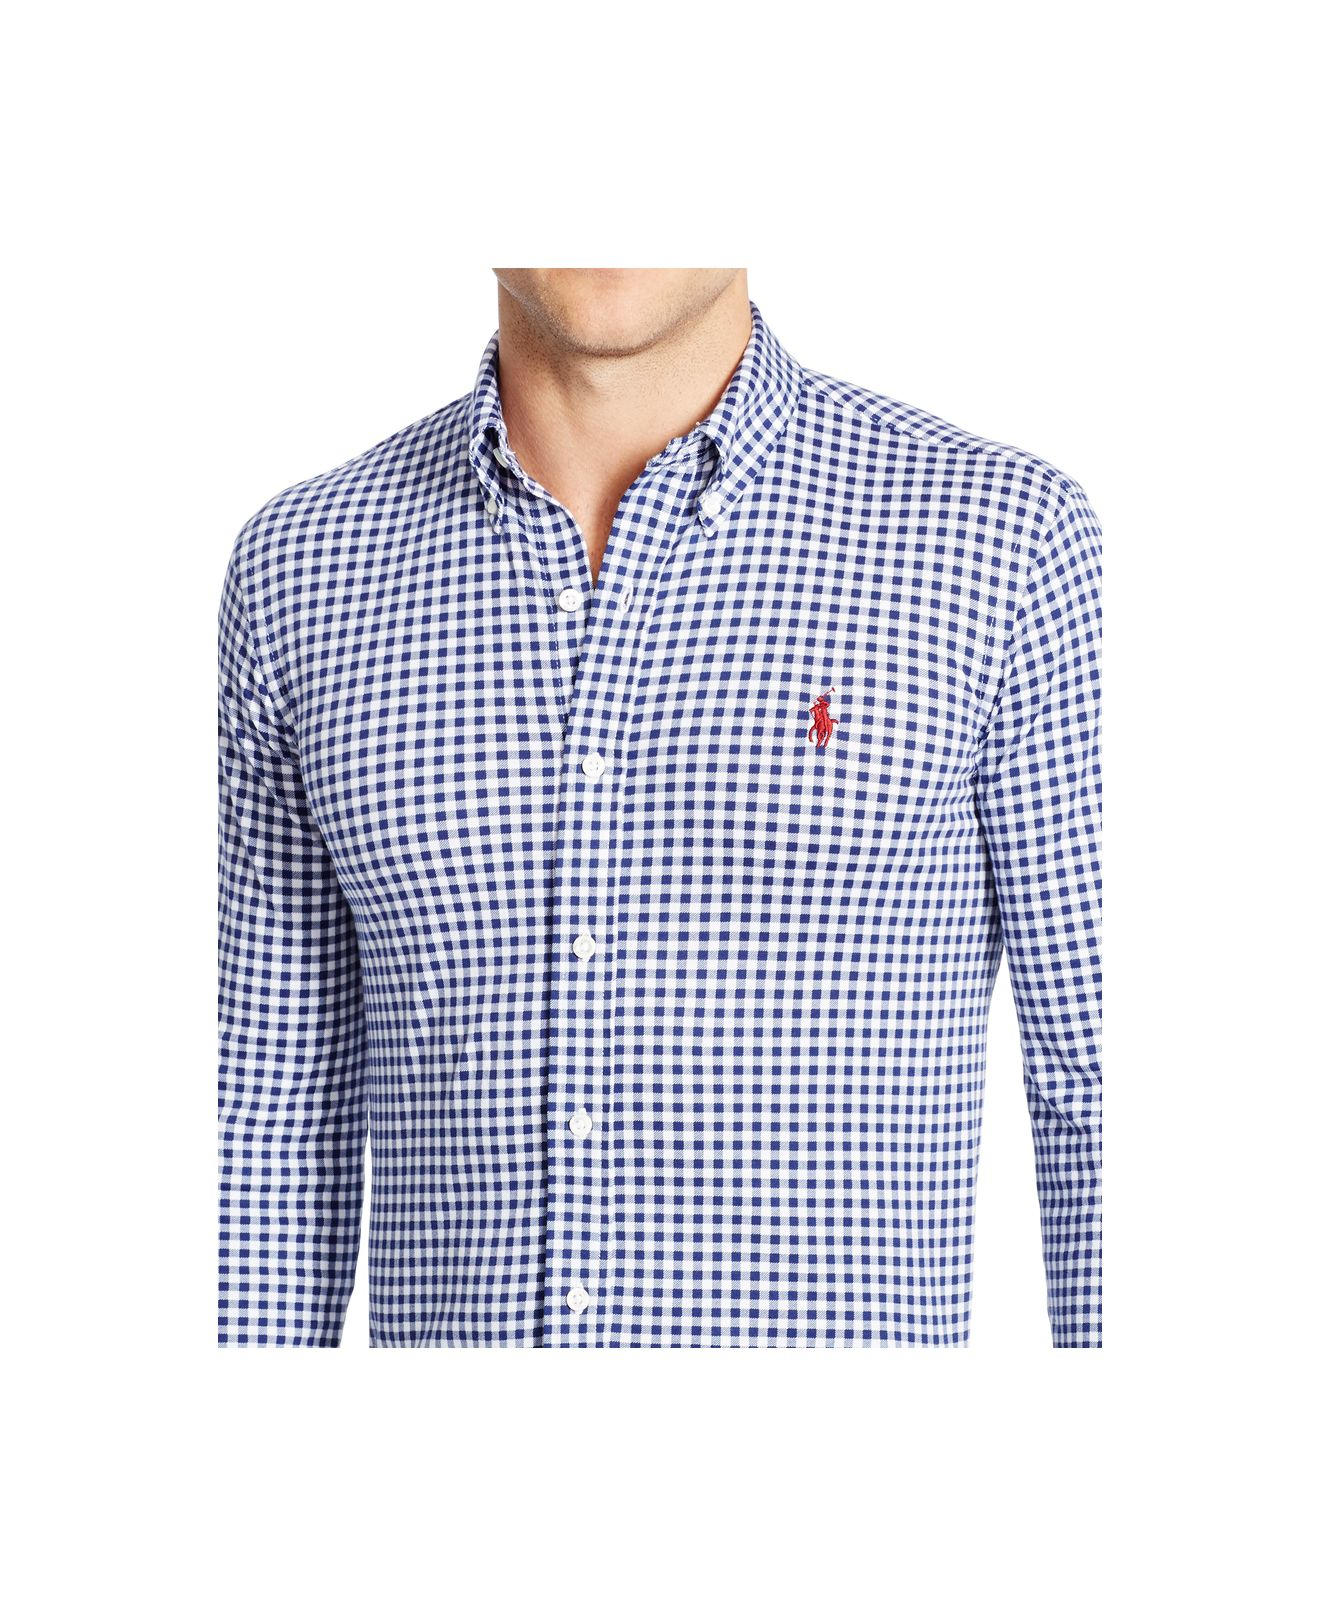 Blue Lauren For Dress Shirt Ralph Polo Men Gingham Knit zUpSMV